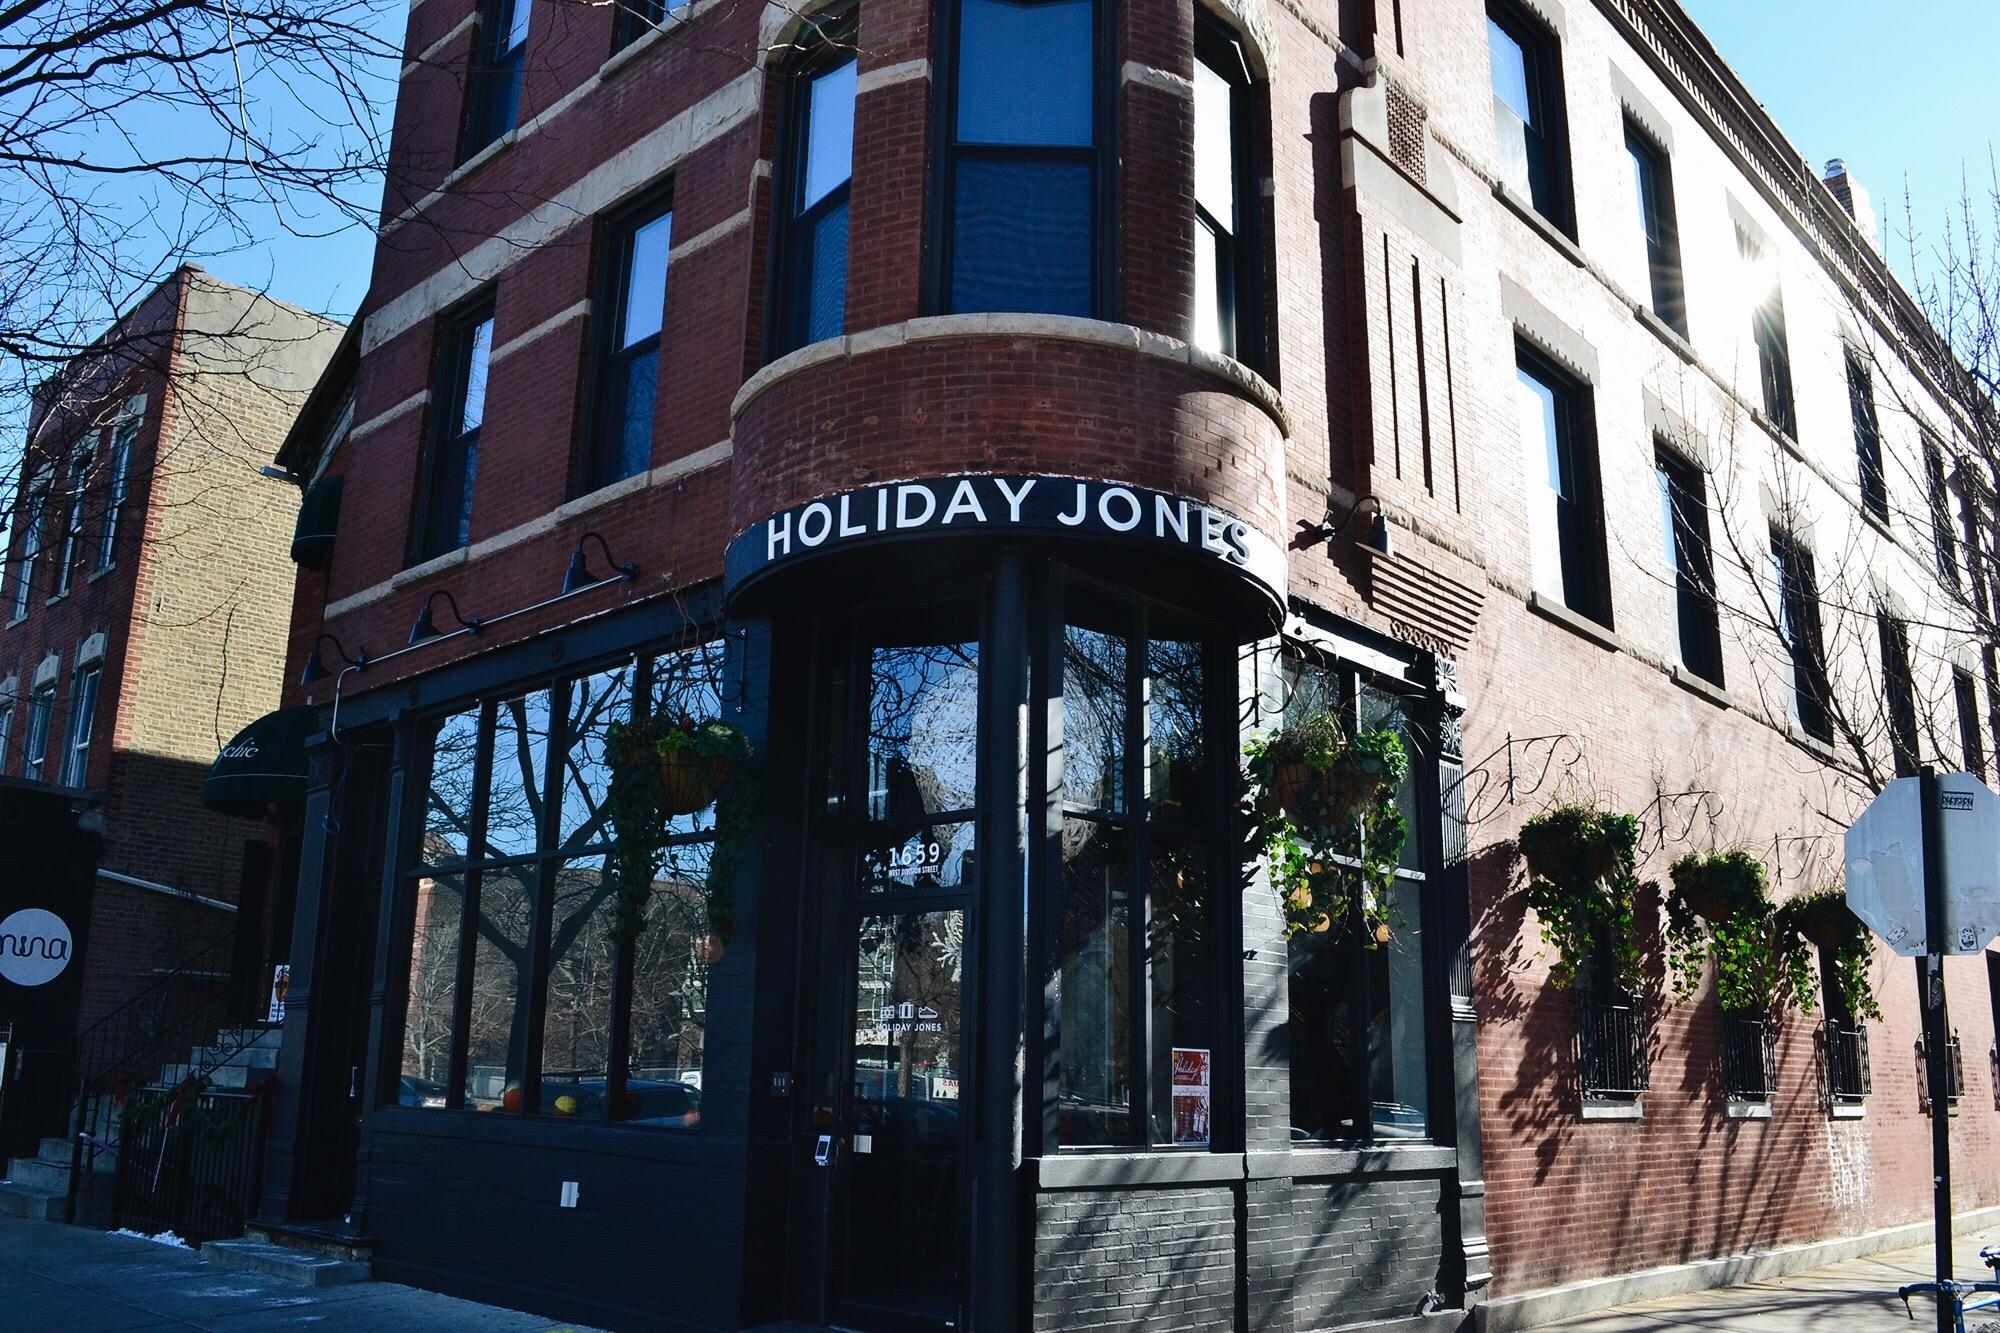 Holiday Jones